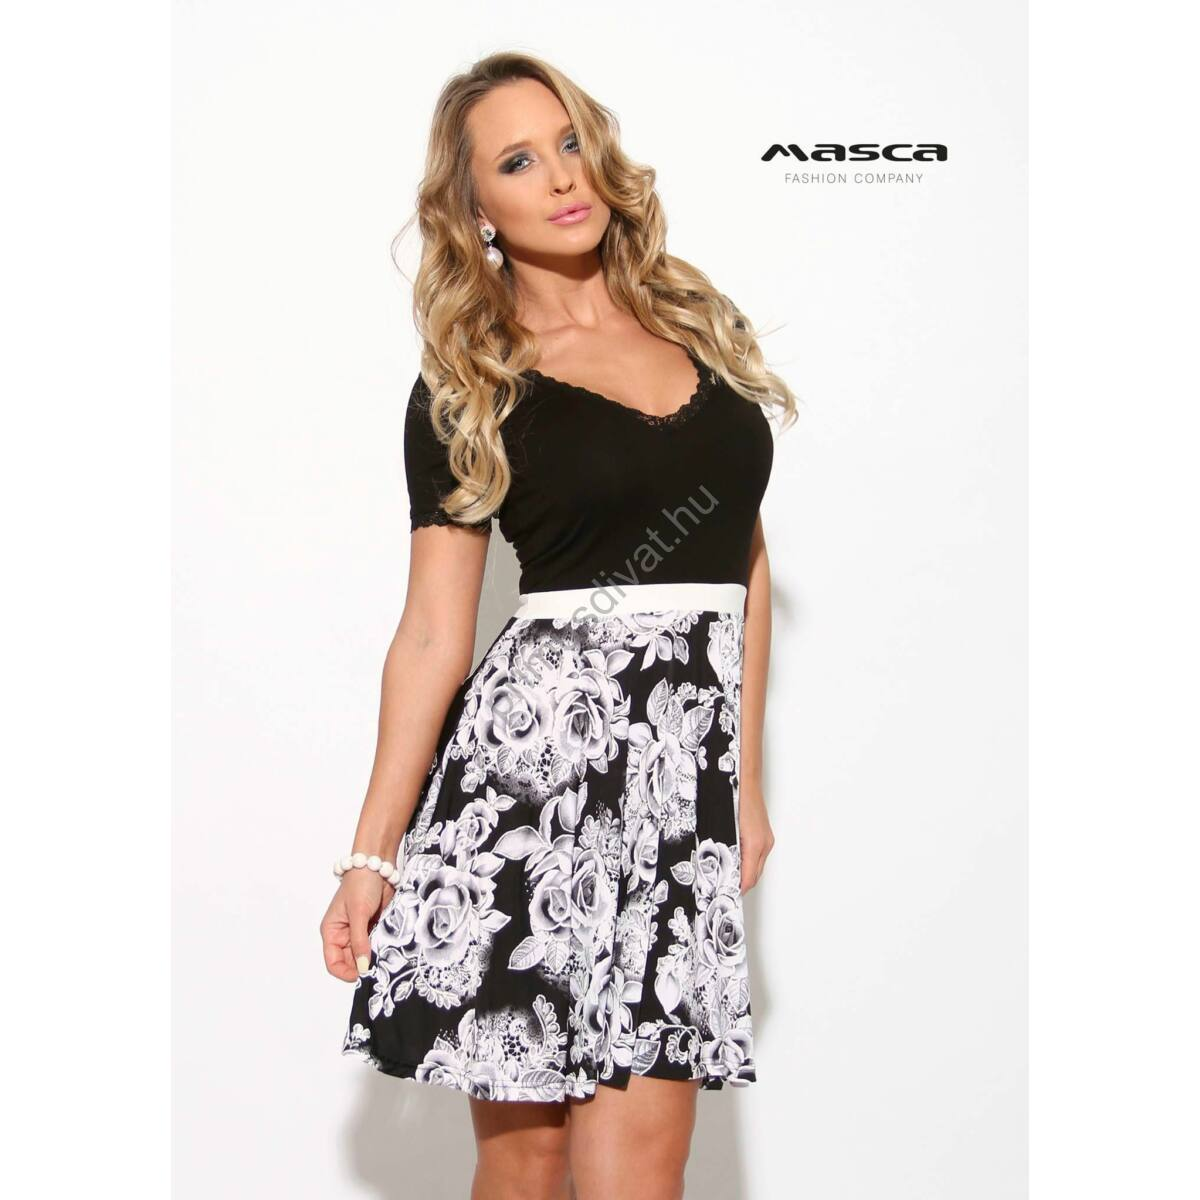 1a43bf2aa4dc Kép 1/1 - Masca Fashion csipkeszegélyes dekoltázsú, fehér rózsamintás loknis  szoknyarészű rövid ujjú fekete alkalmi ruha